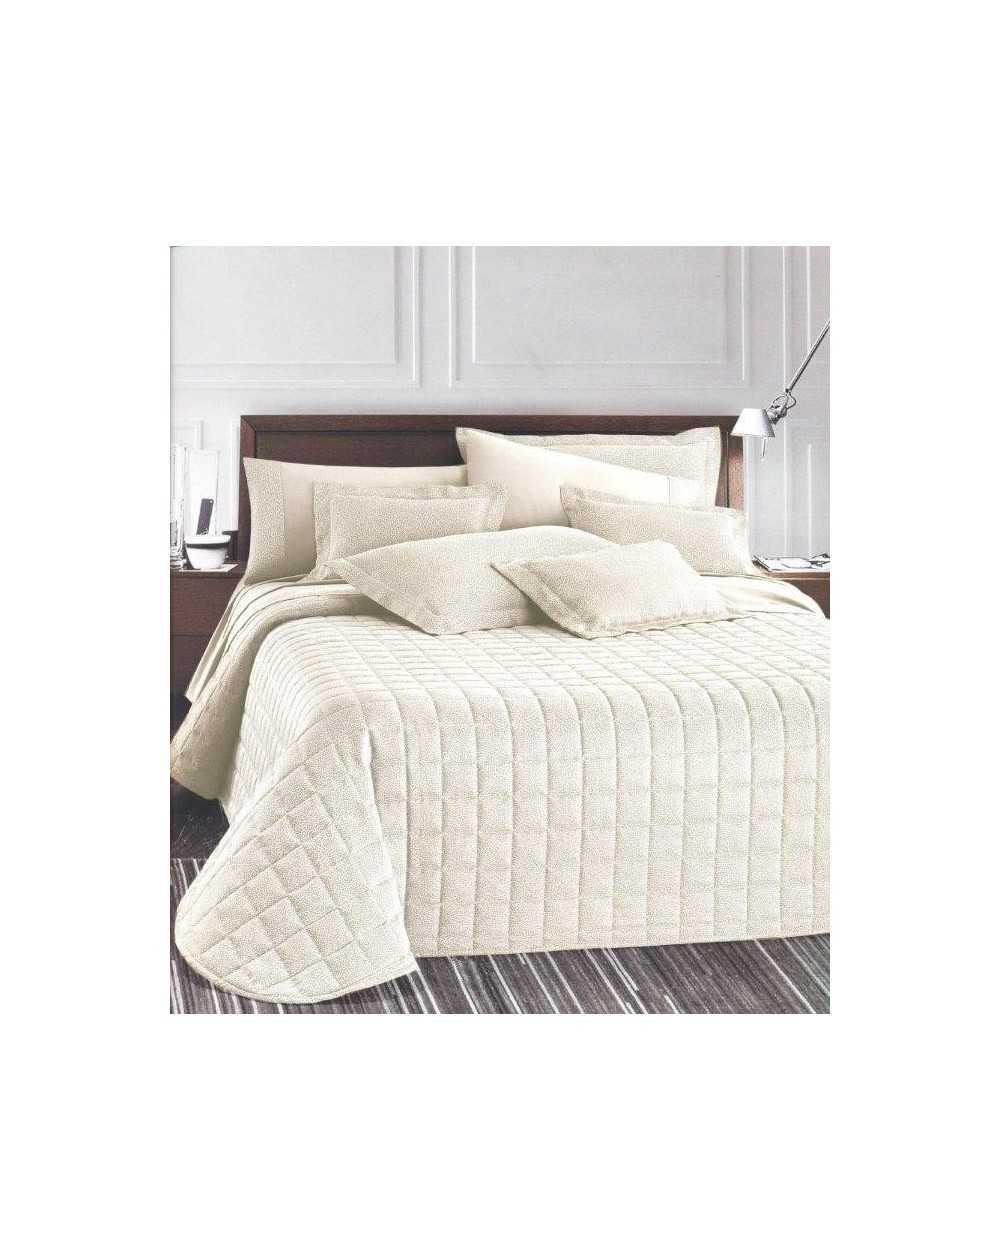 couvre lit in jacquard dalila. Black Bedroom Furniture Sets. Home Design Ideas